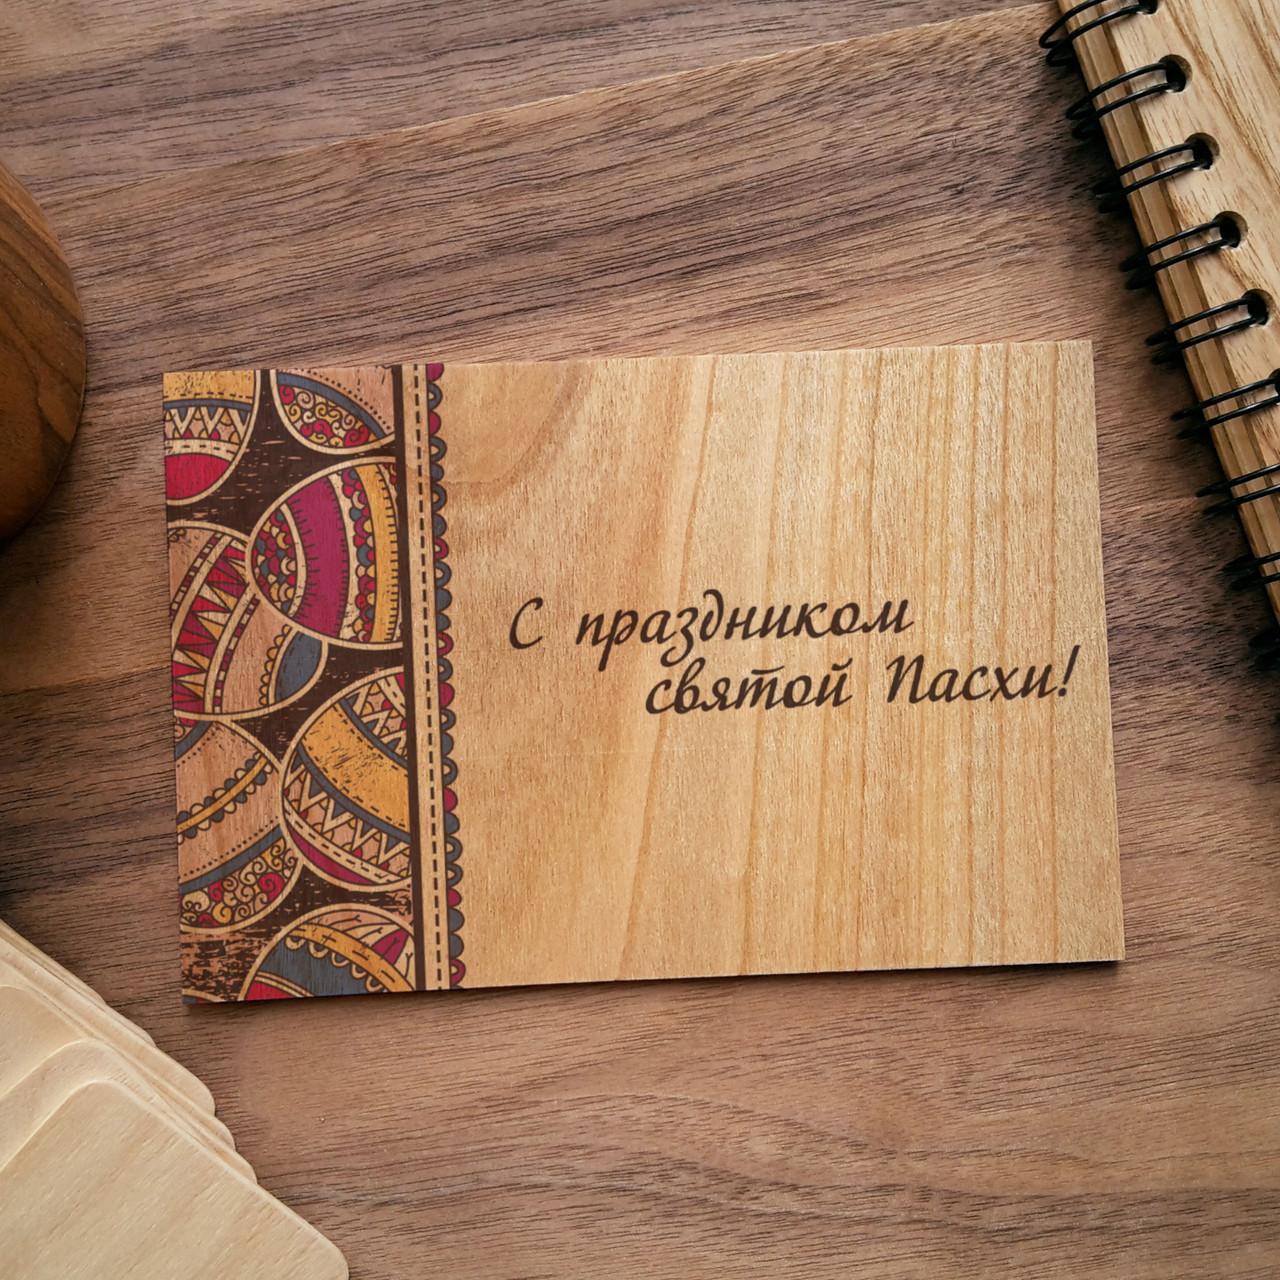 """Деревянная открытка """"Святой Пасхи"""", фото 1"""